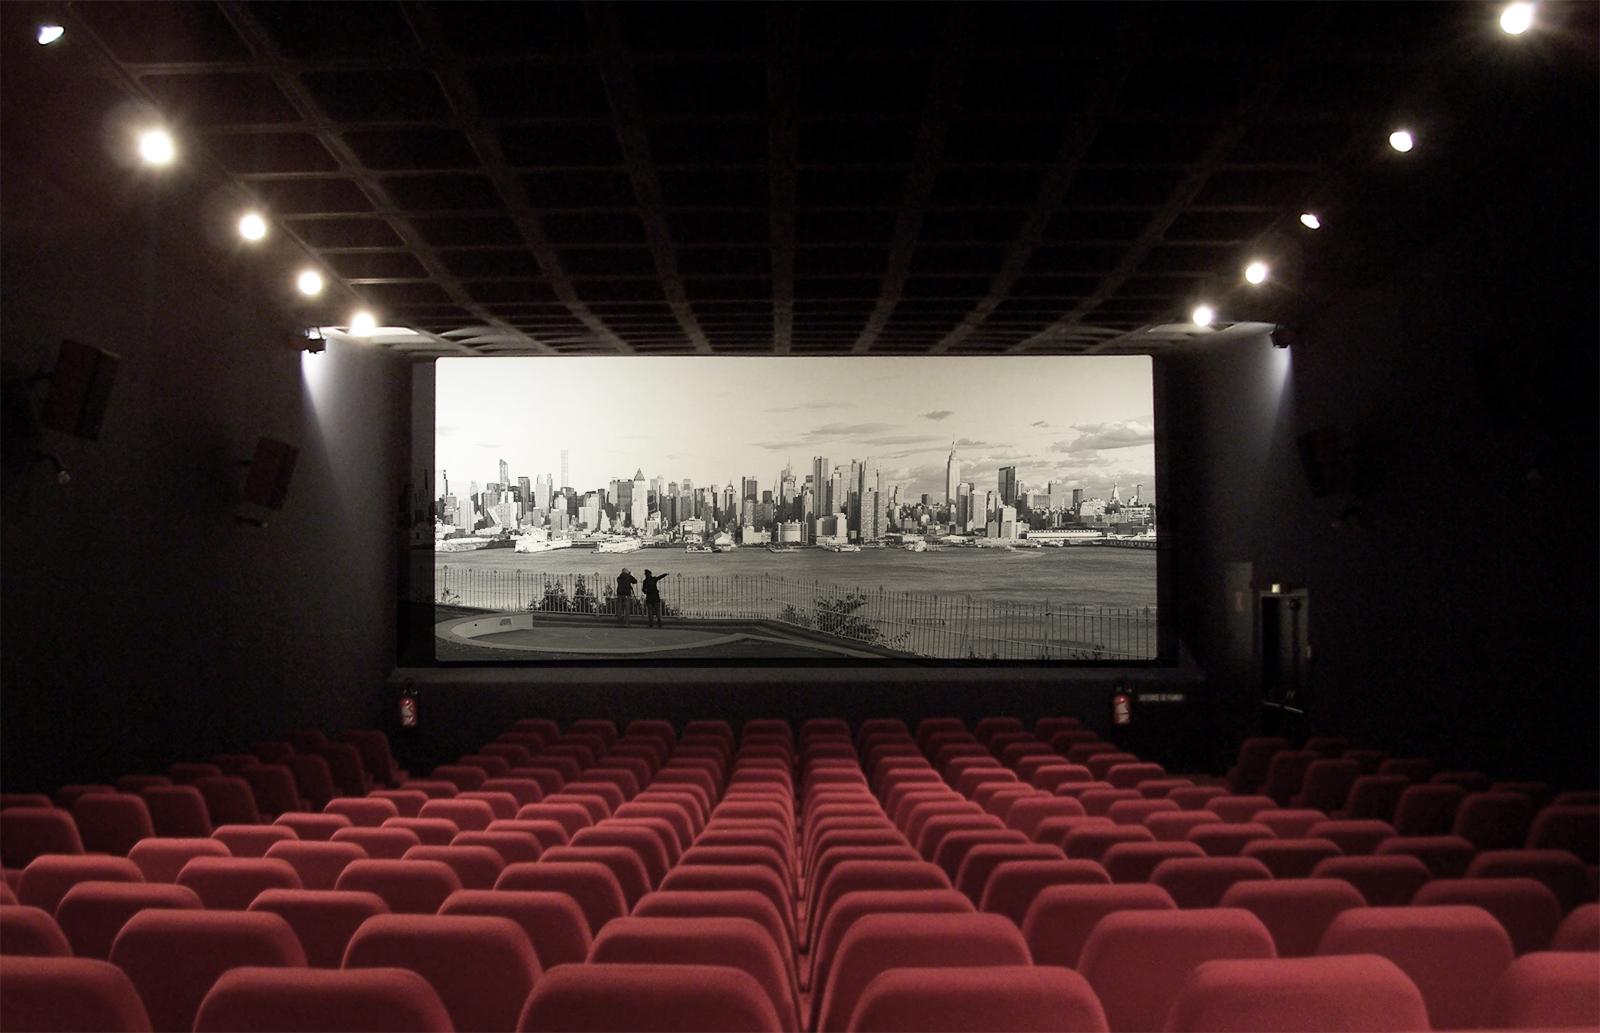 Cinema XEdNEgH94